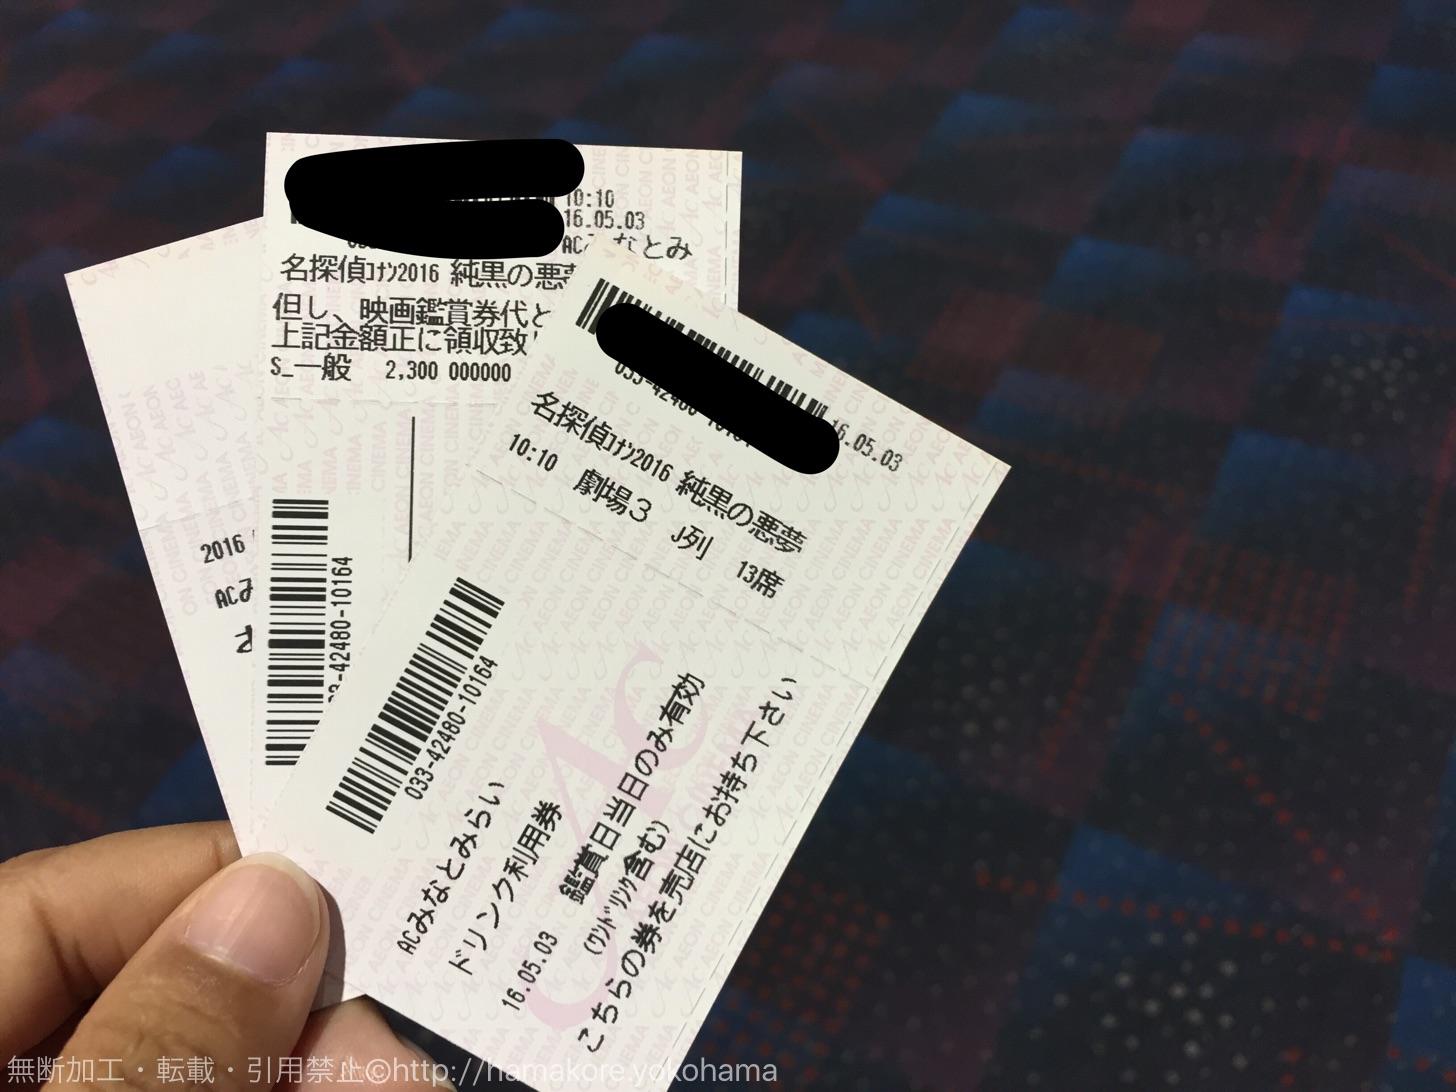 映画館にてチケットを発券